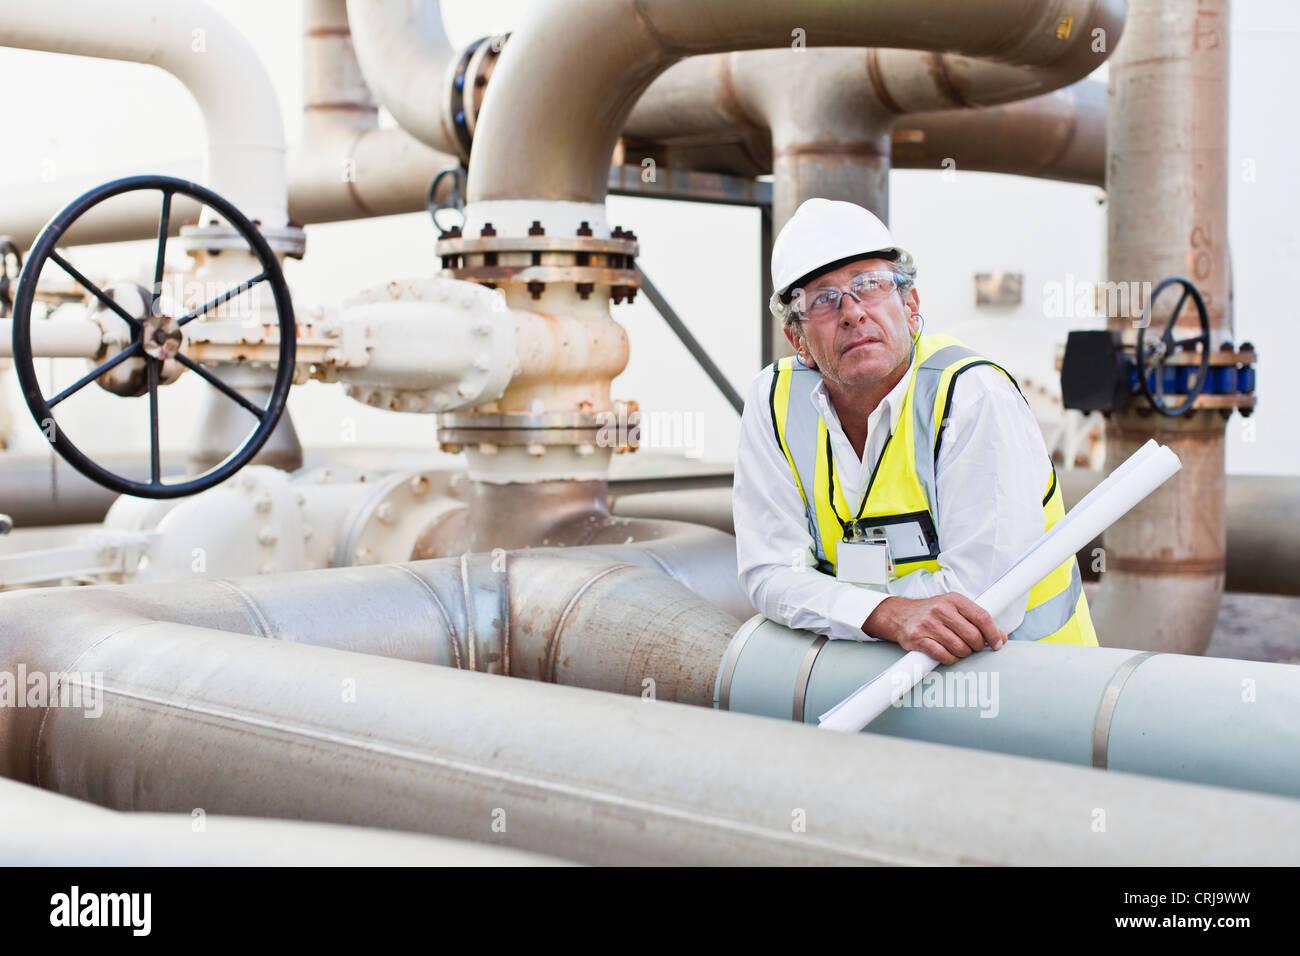 Trabajador en tubos en planta química Imagen De Stock